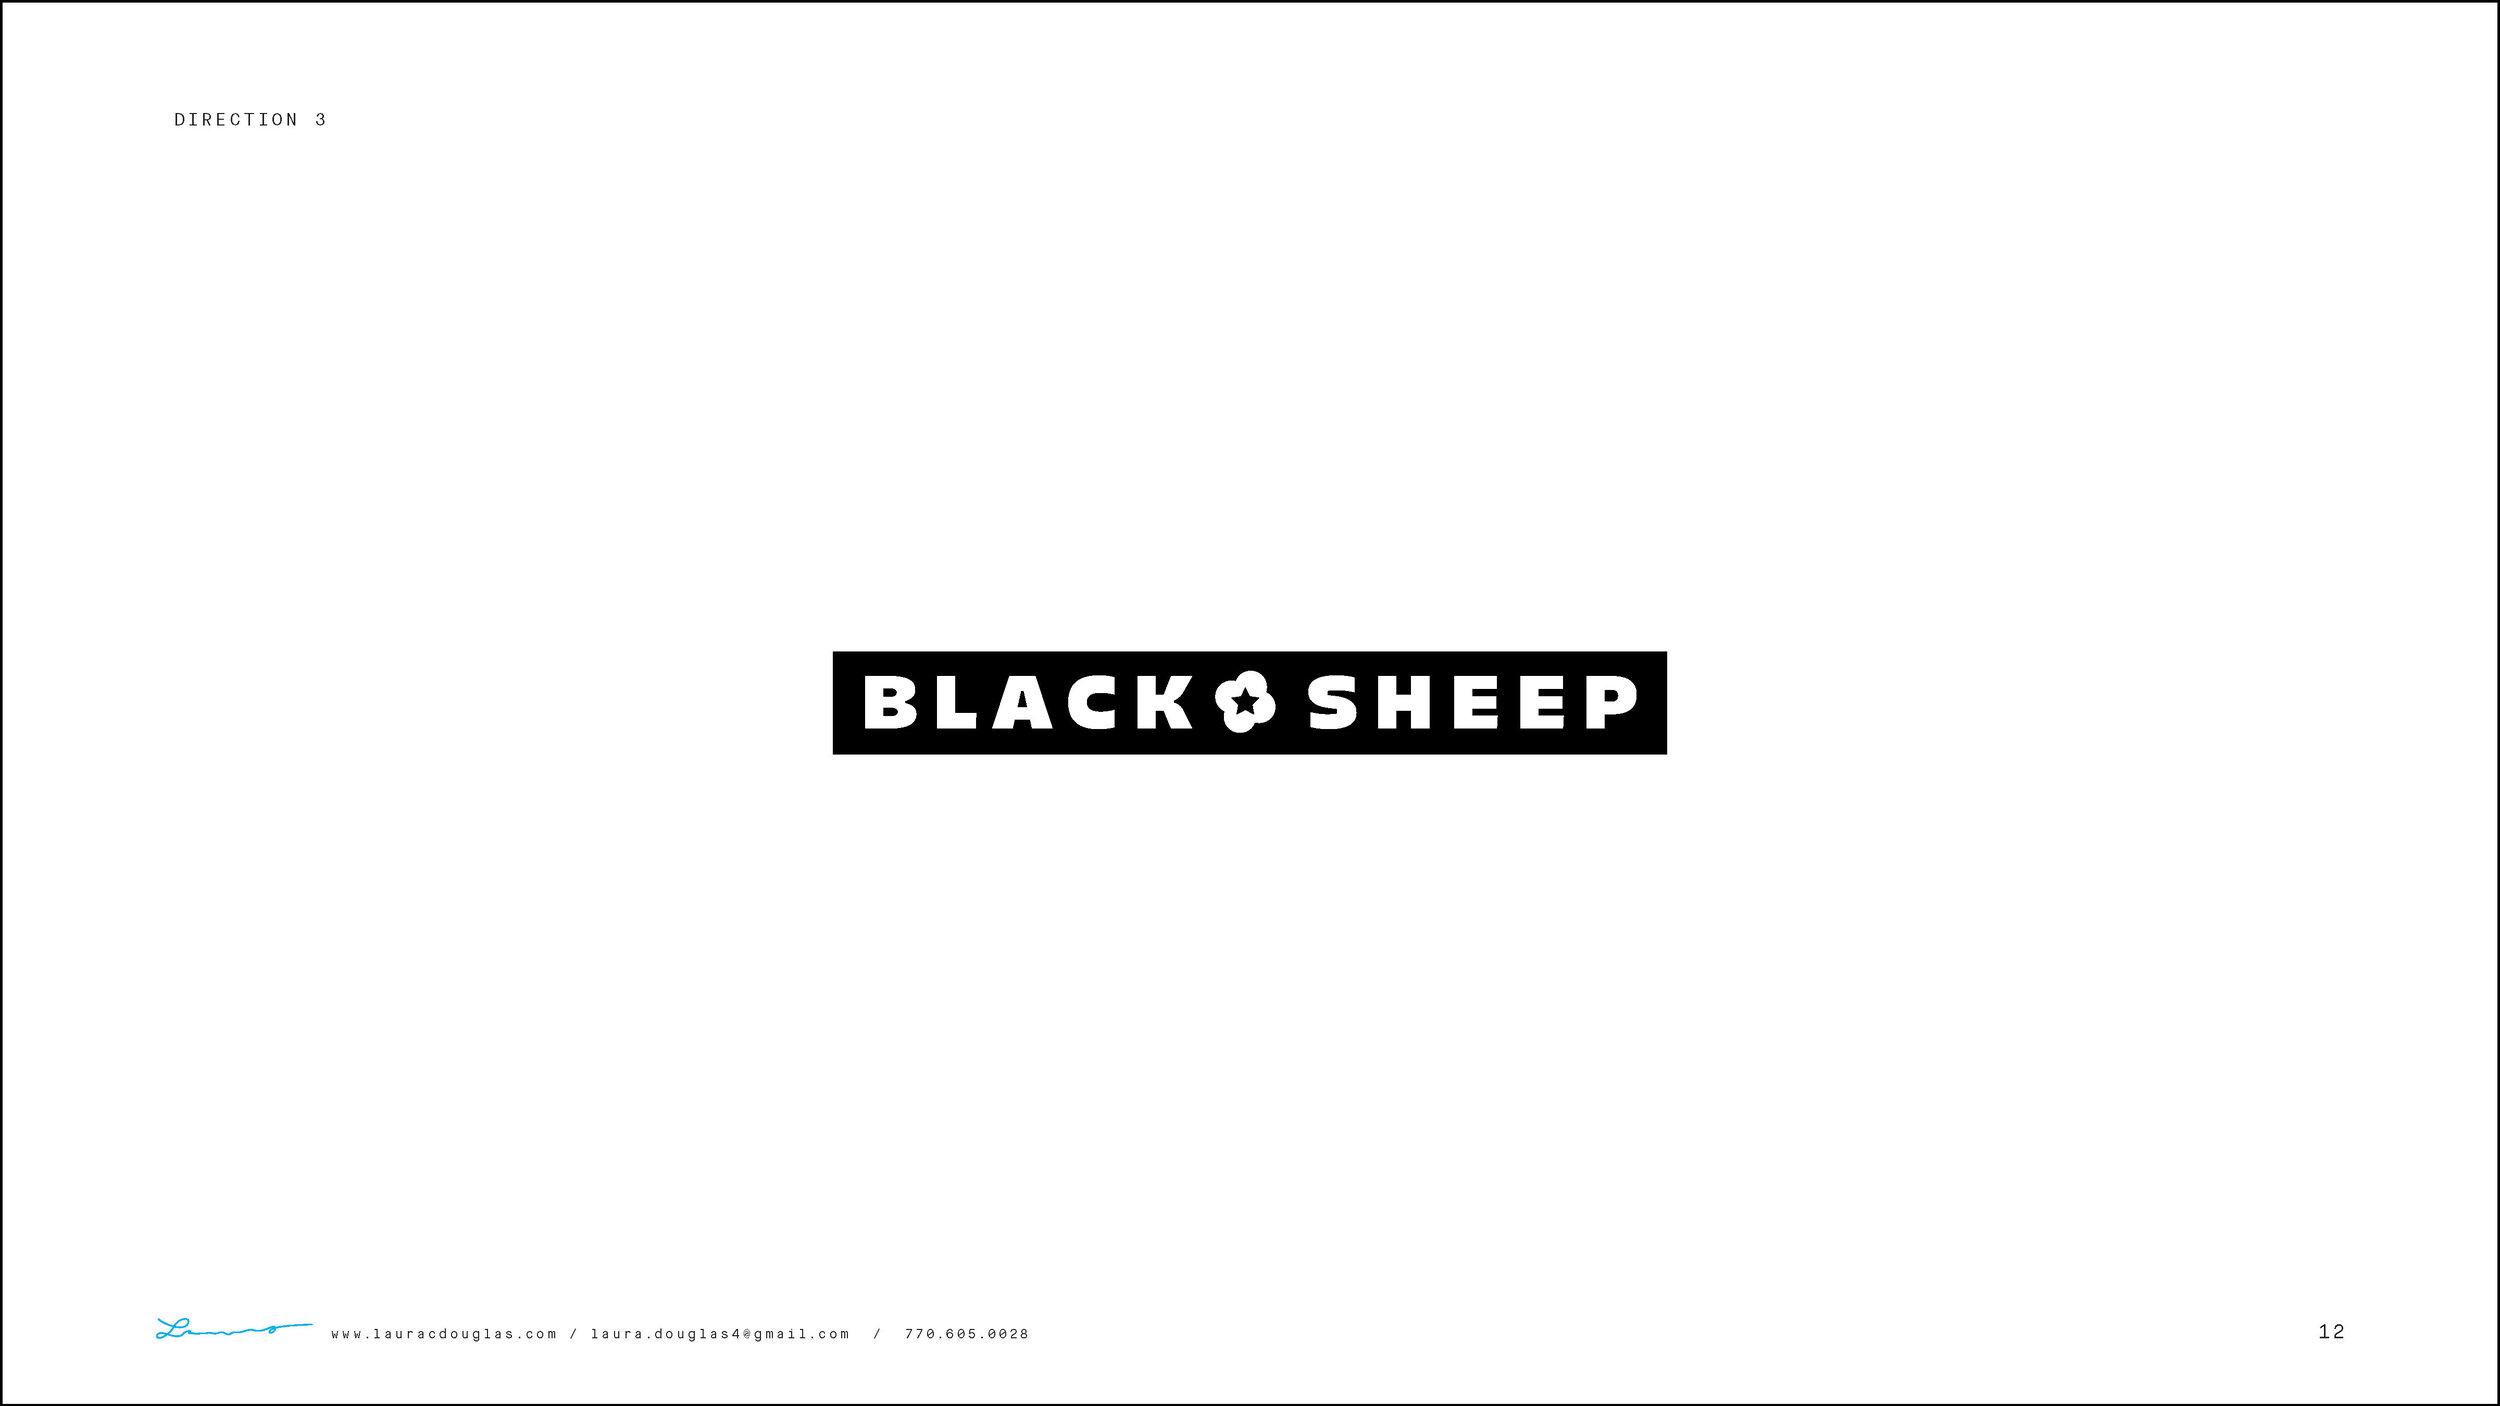 BlackSheepManagement_Logo_v1 2_Page_12.jpg